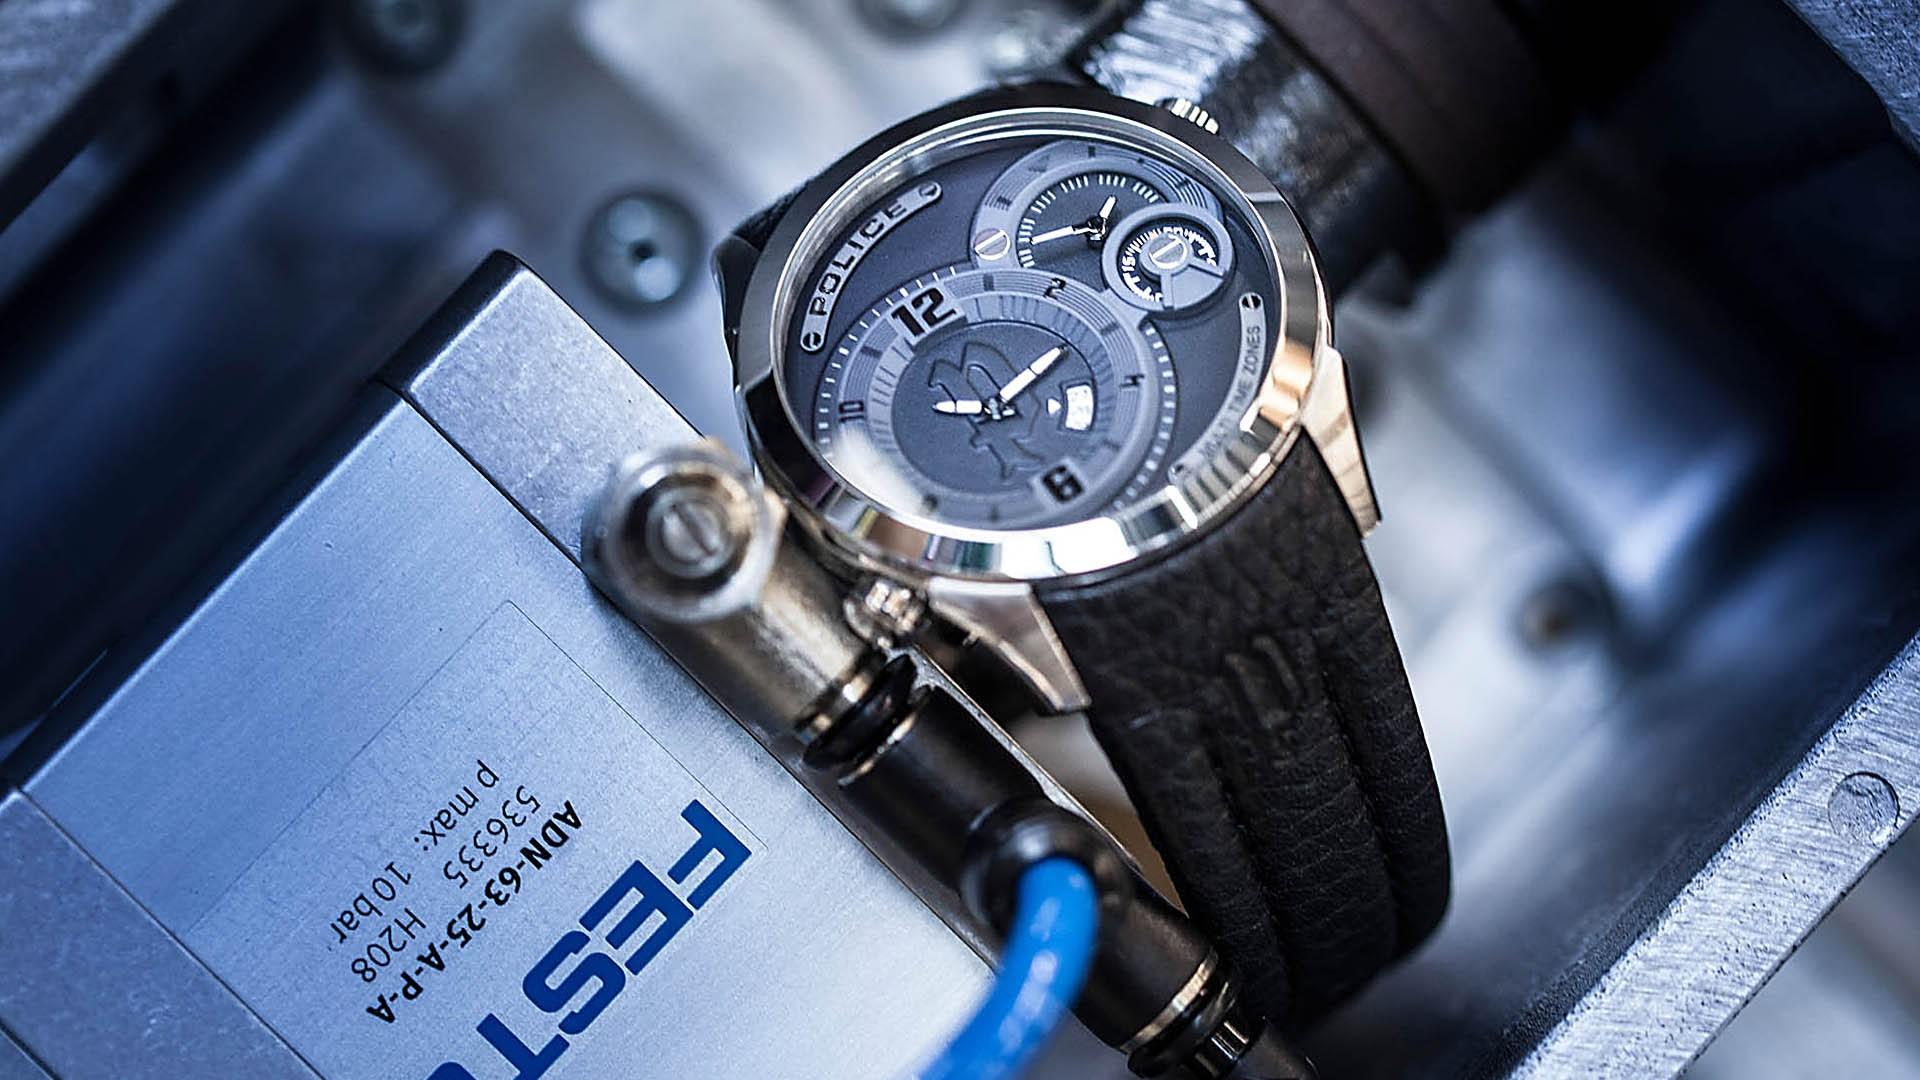 Uhrenfotografie, watchphotography, Uhrenfoto, Uhrenfotograf, watchphoto, watchphotographer